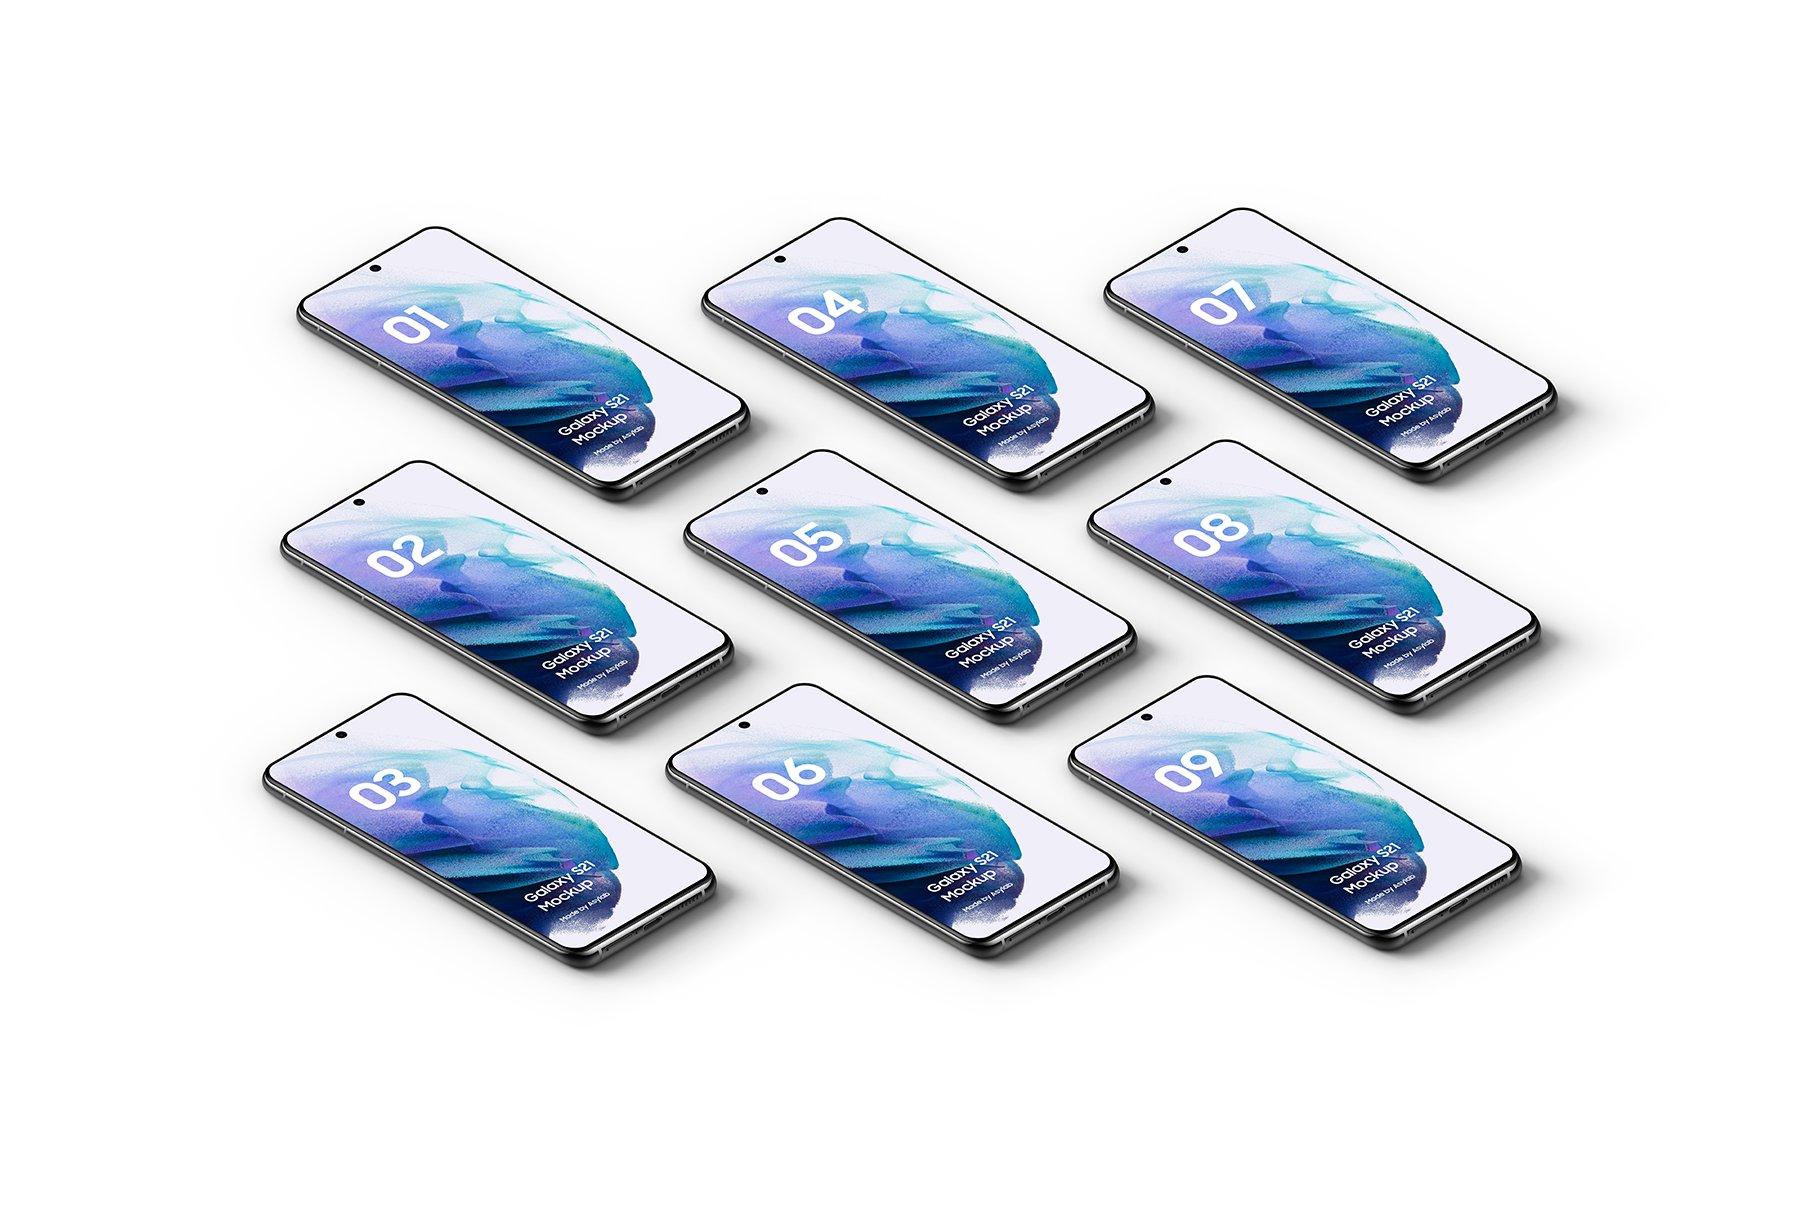 [单独购买] 20款三星Galaxy S21手机网站APP界面设计演示样机模板套件 Galaxy S21 – 20 Mockups Scenes插图19